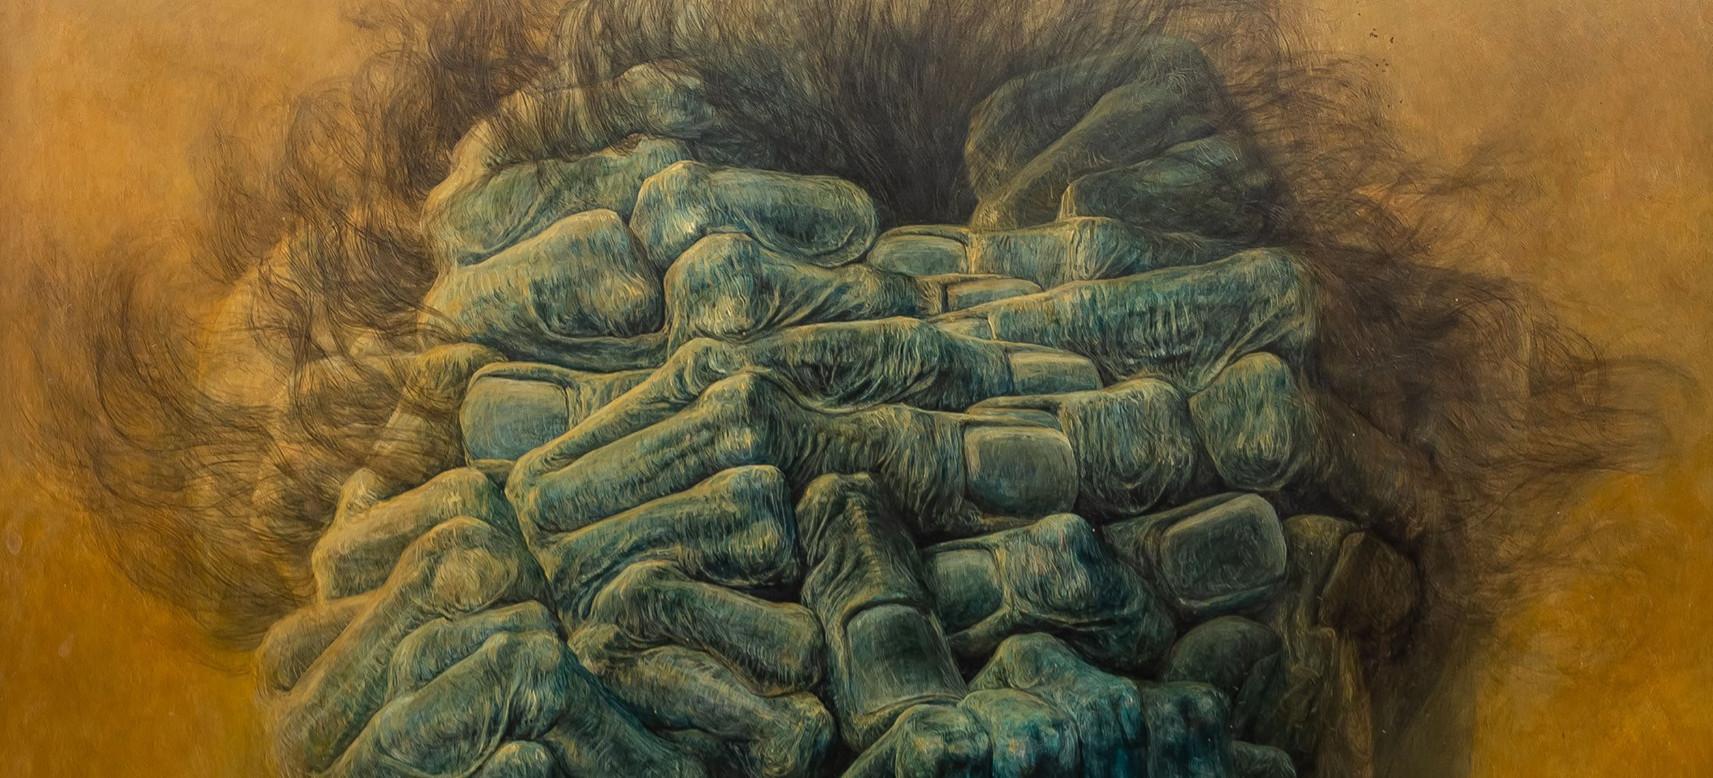 Gigantyczne pieniądze za obraz Beksińskiego! Nieprawdopodobny rekord